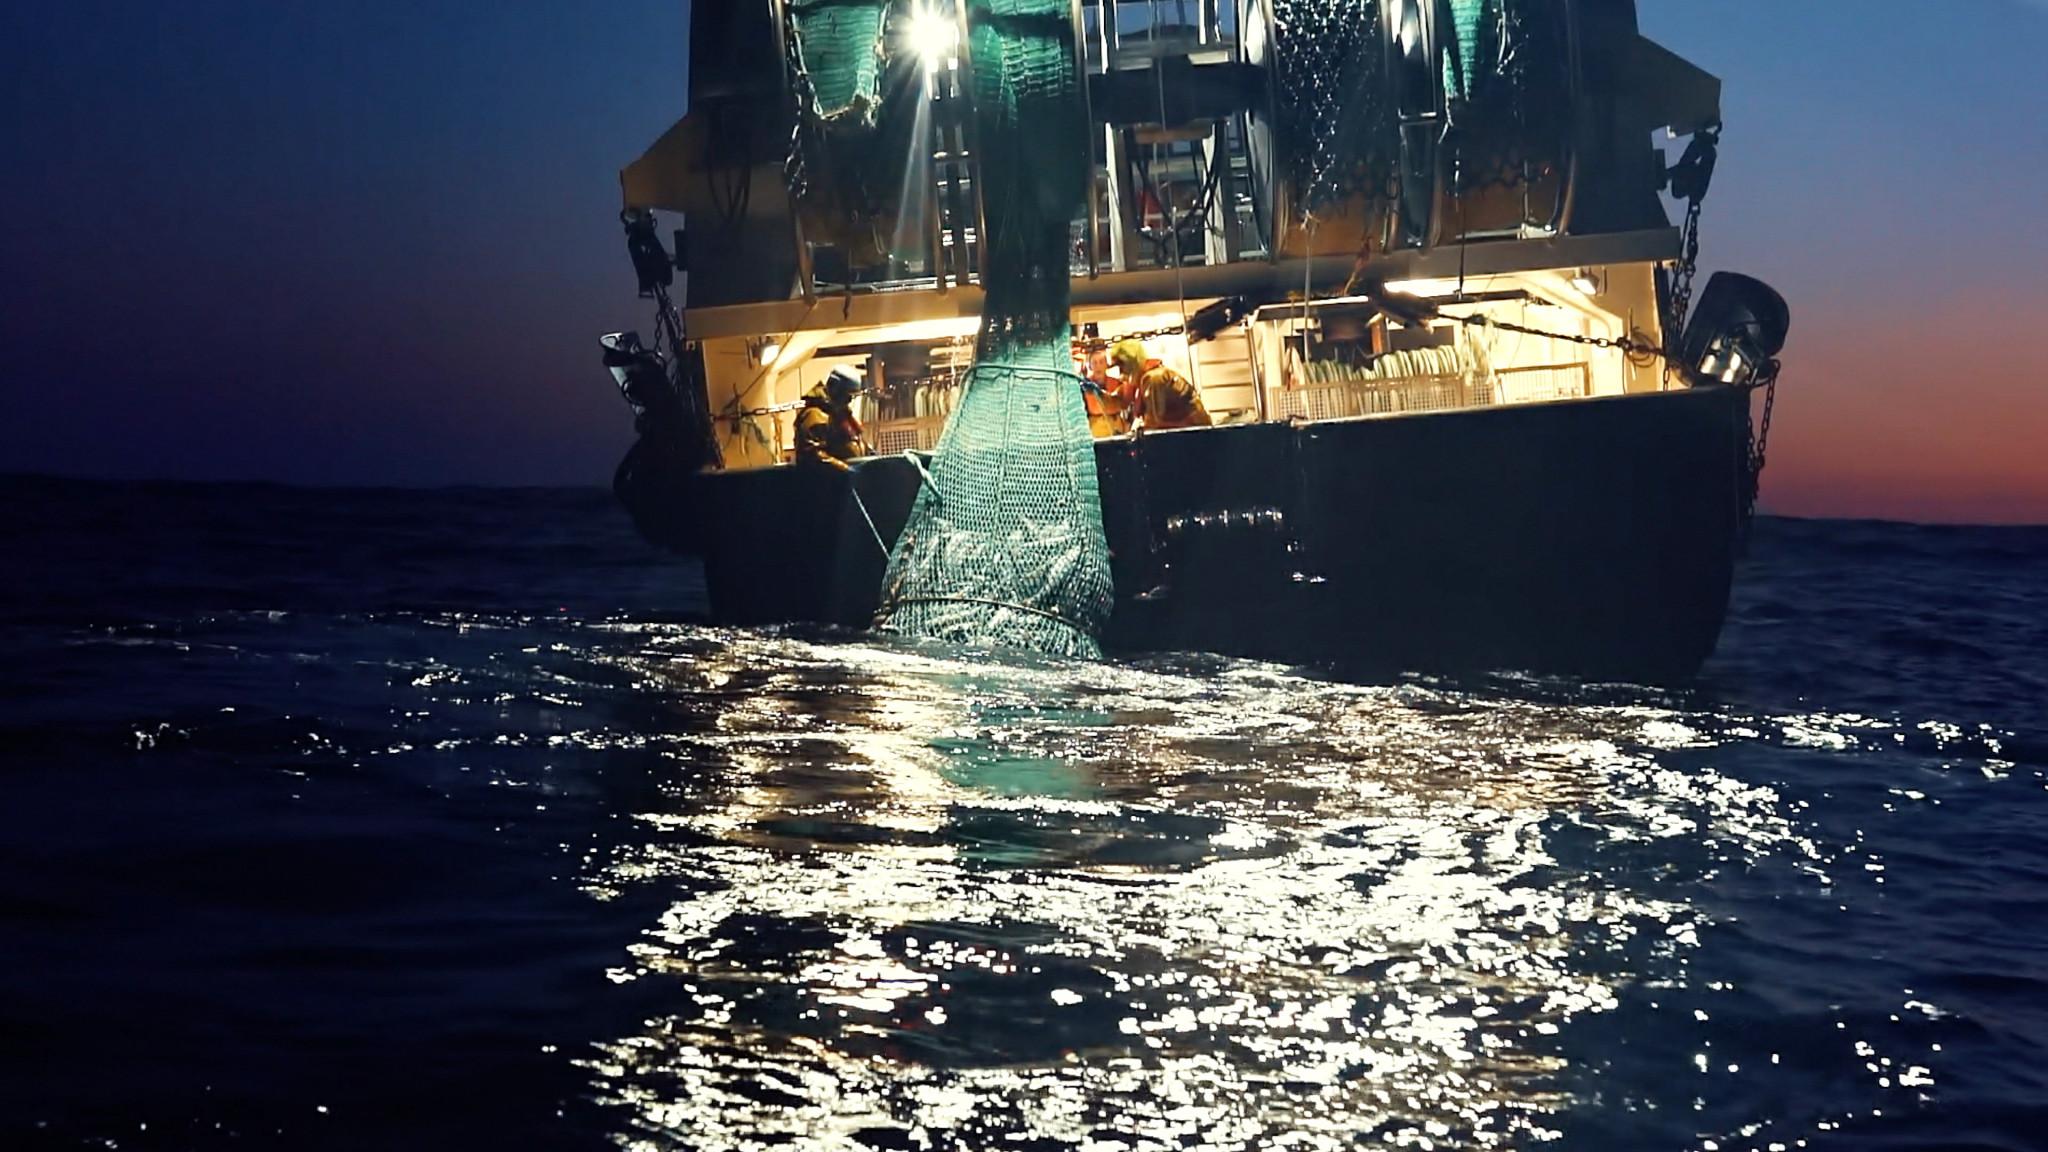 Seaspiracy : 9 infos mises en lumière par le documentaire (et leur véracité) - 1